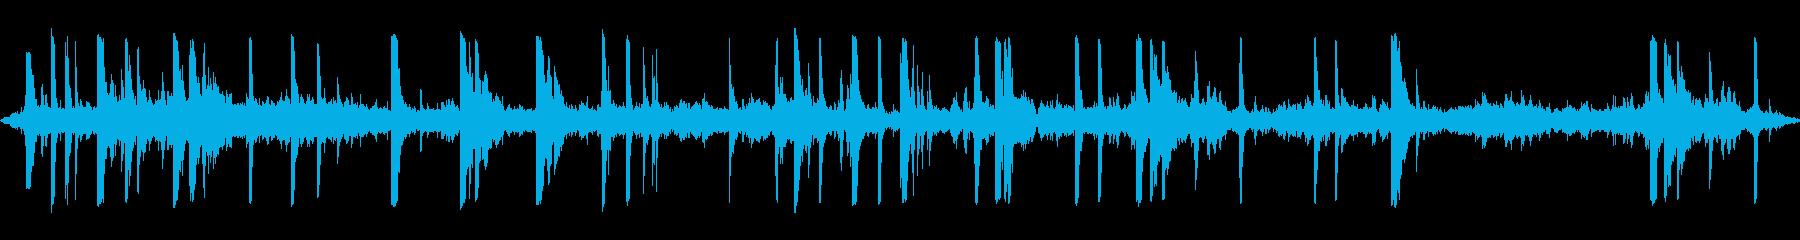 ティンバケツ、アミューズメントパー...の再生済みの波形